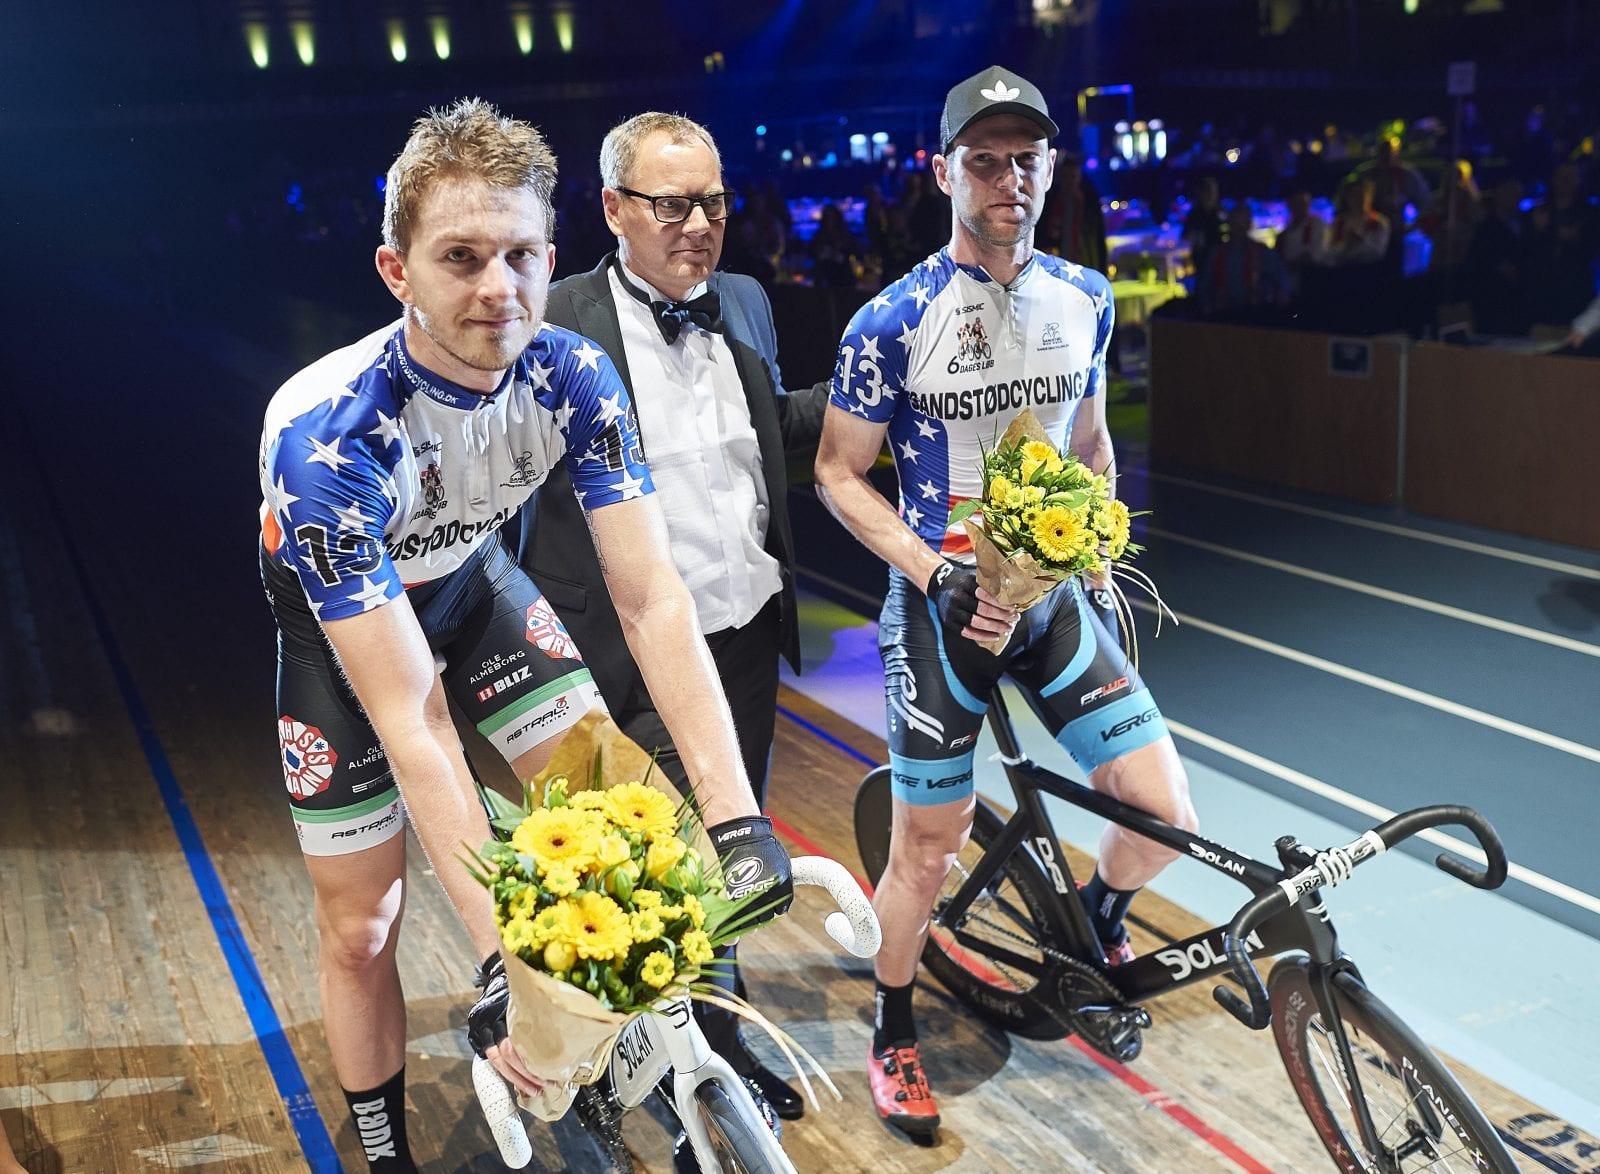 Roy Pieters and Simon Bigum (tv) vinder handicap jagten pŒå dag 5 / 6 Dagesløbet i Ballerup Super Arena. Foto © Lars Rønbøg / 6dageslobet.dk